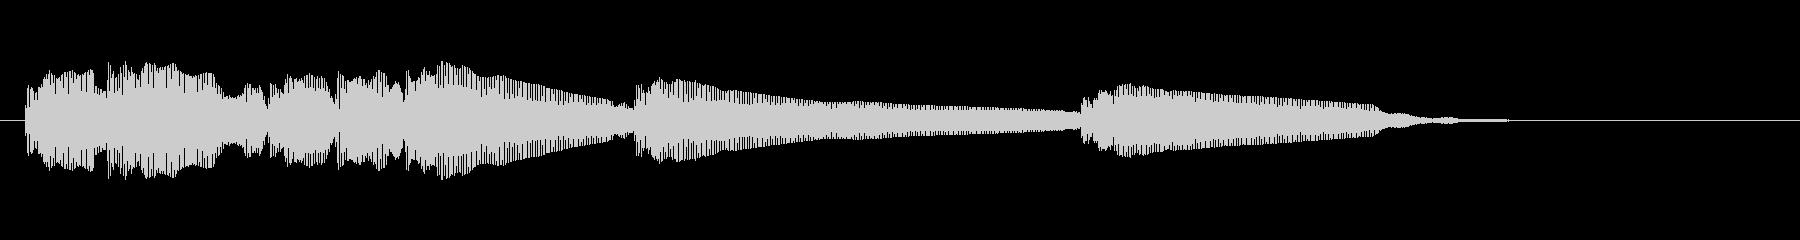 エレキギター5弦チューニング2リバーブの未再生の波形